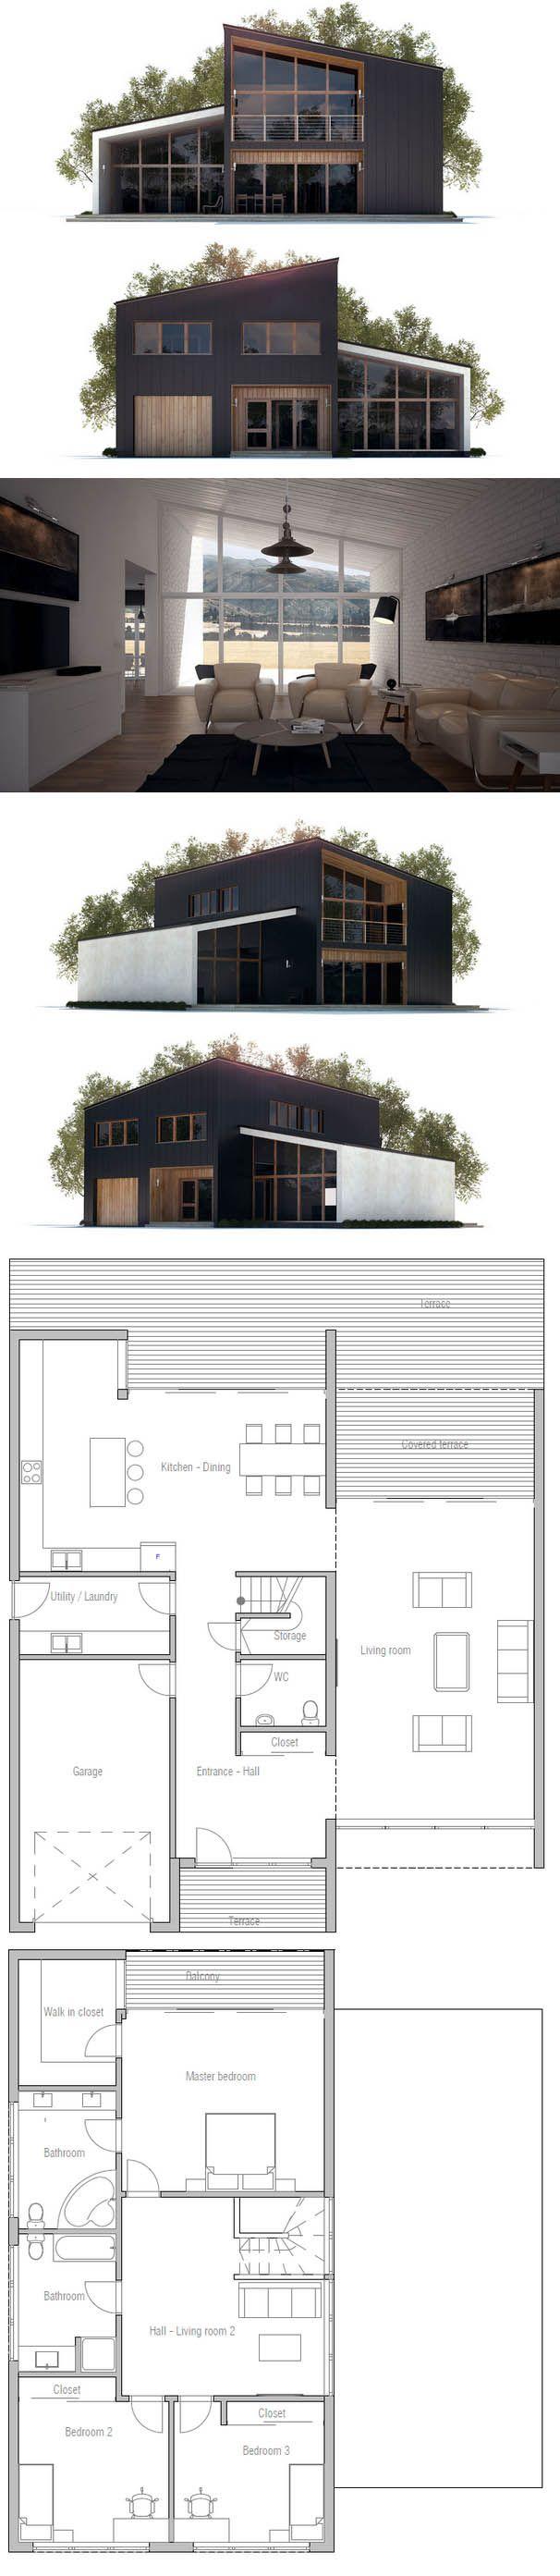 plan de maison facade